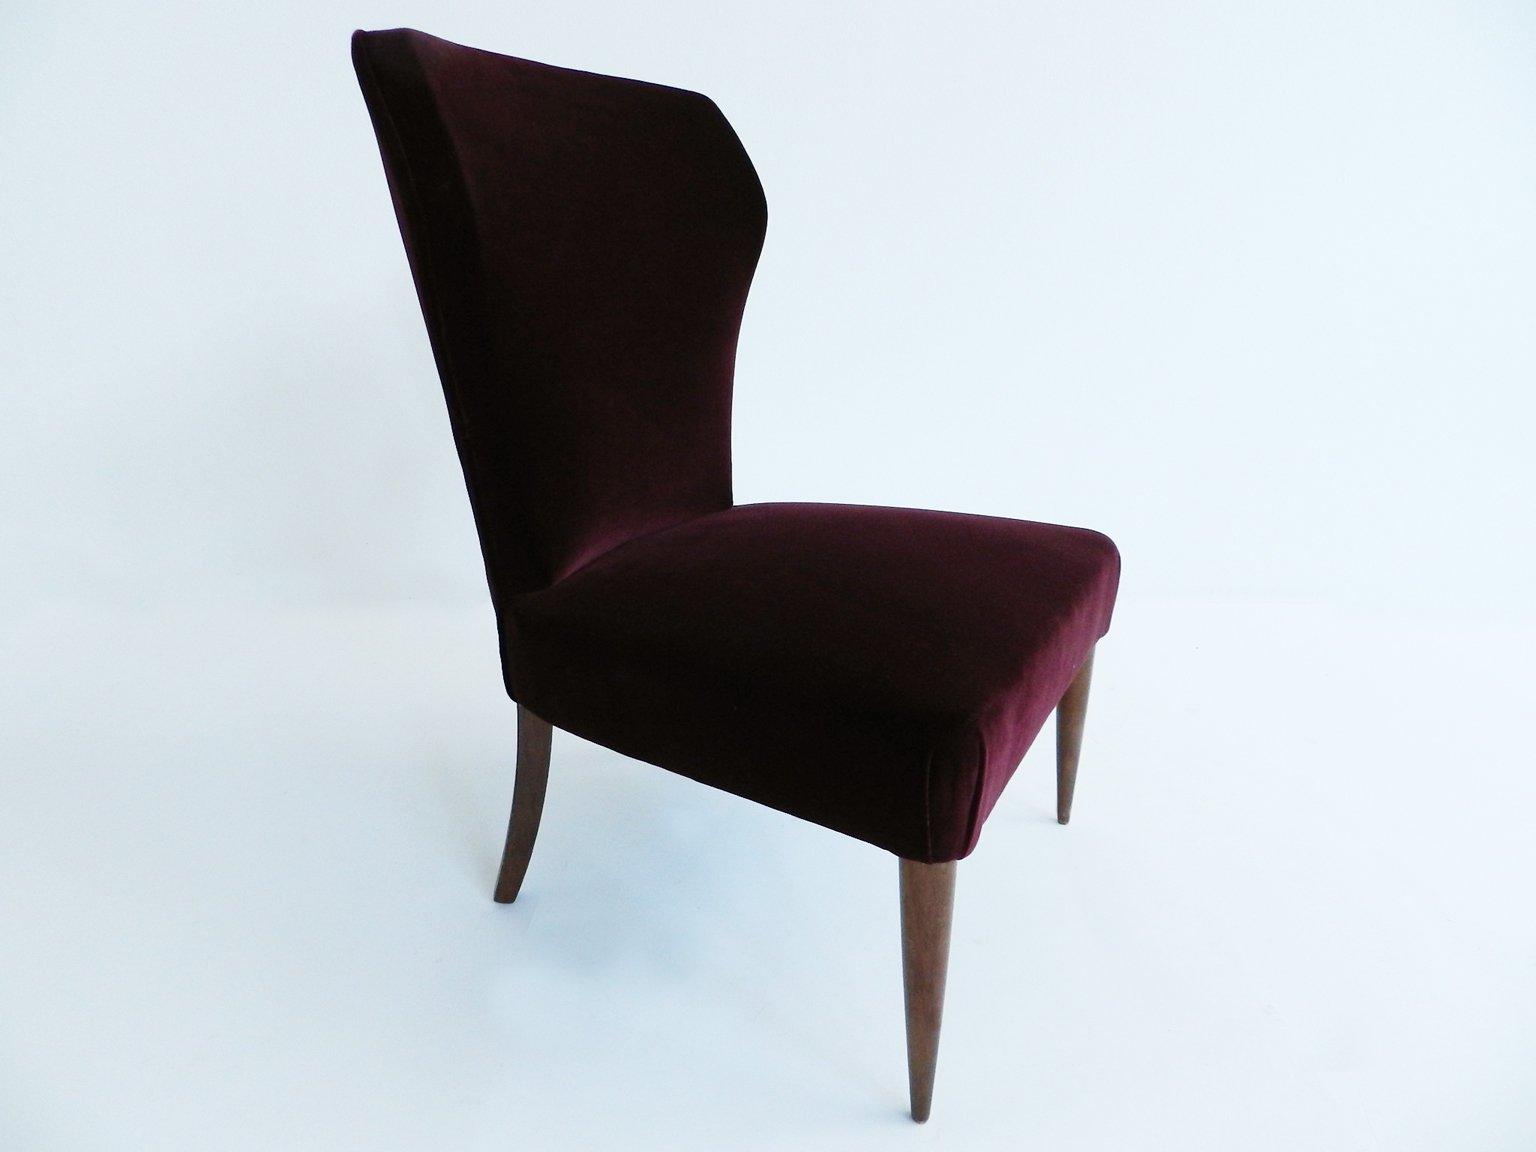 Petit Fauteuil Club Vintage En Velours Italie En Vente Sur Pamono - Petit fauteuil club